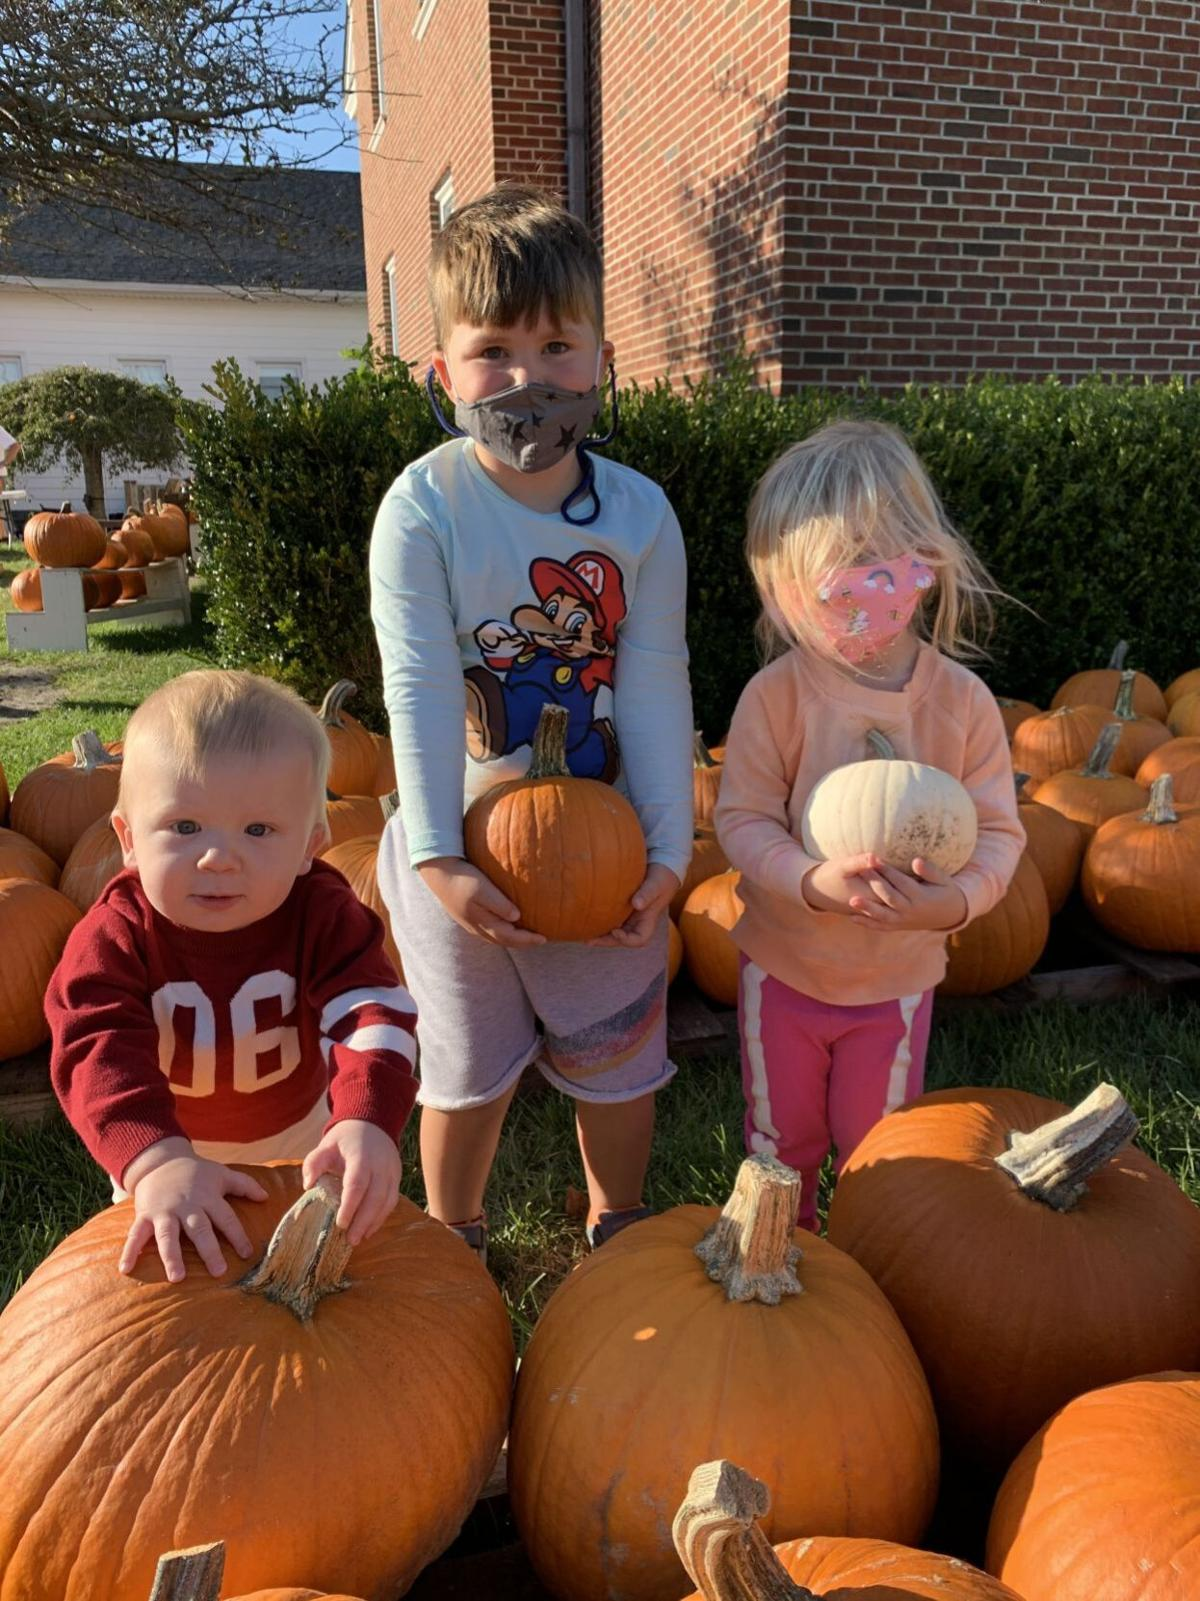 100120_lns_pumpkins Central M pumpkins 1